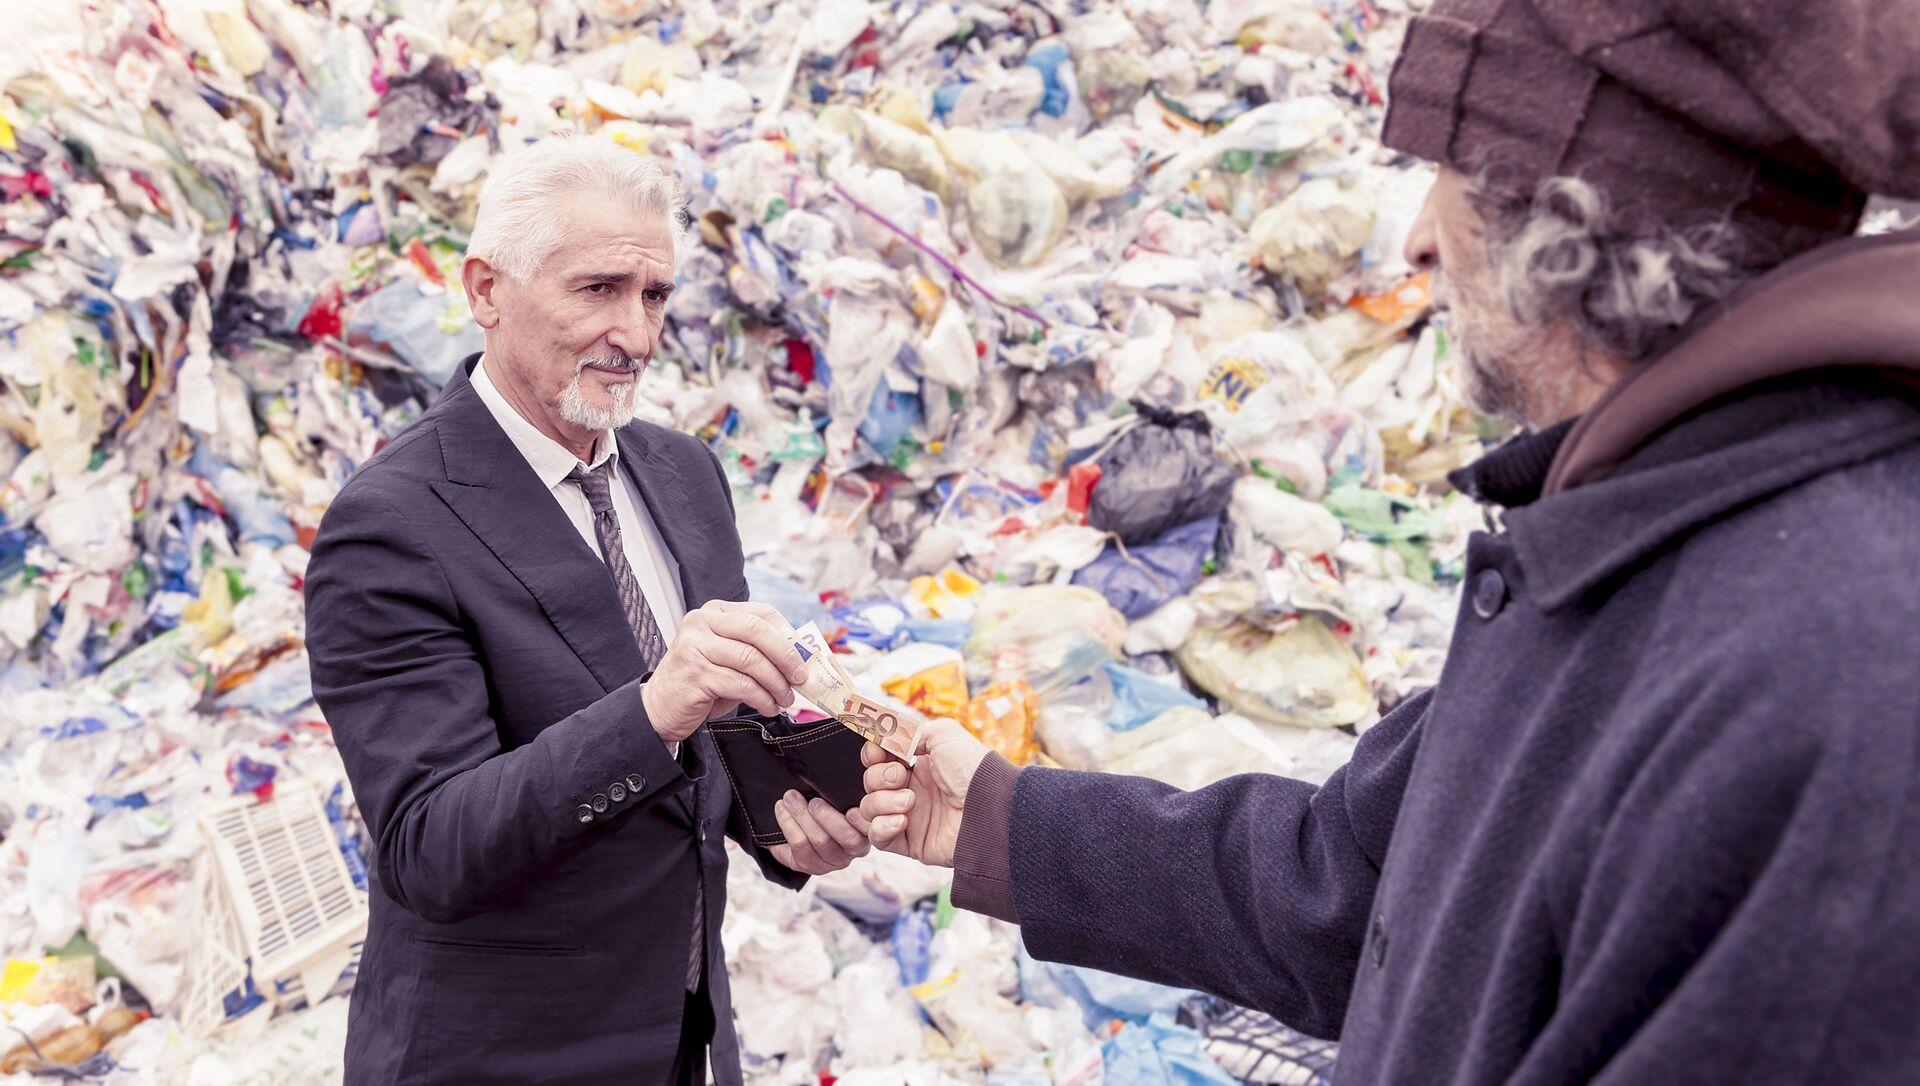 Un uomo ricco dà i soldi a un uomo povero - Sputnik Italia, 1920, 25.02.2021